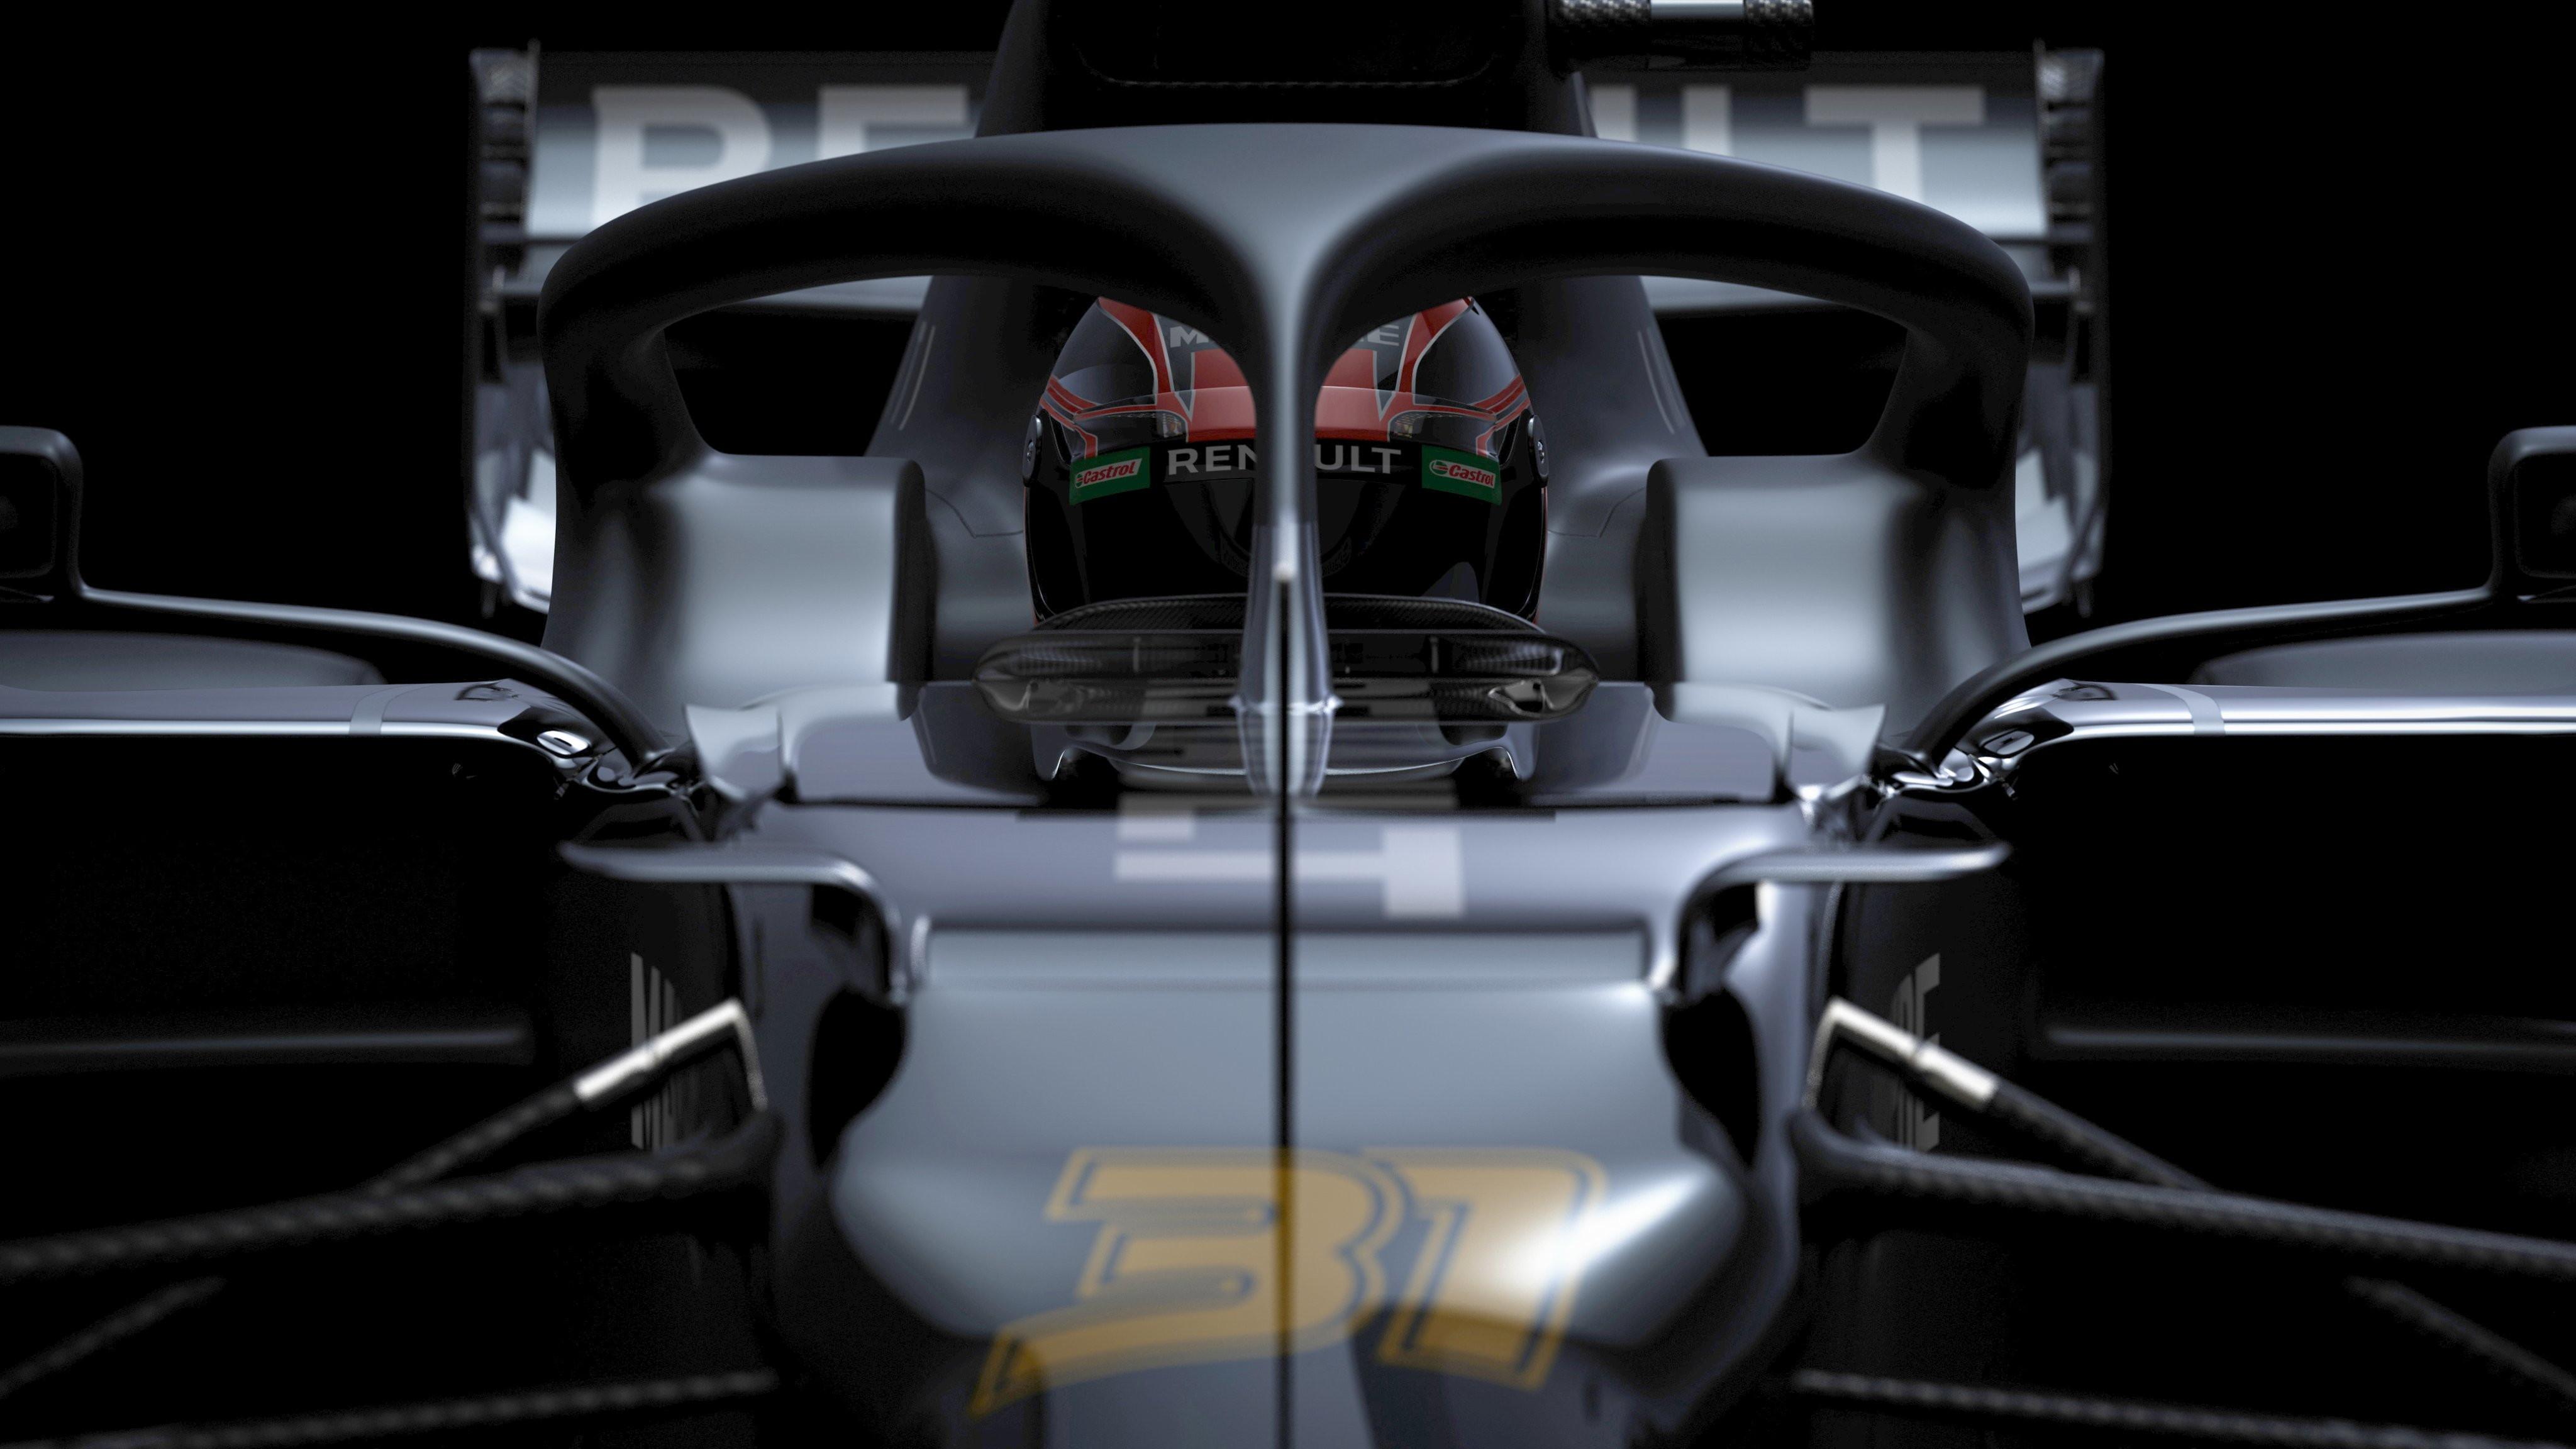 Svelate le prime immagini, dei render 3D,della nuova R.S.20 di Ricciardo e Ocon.